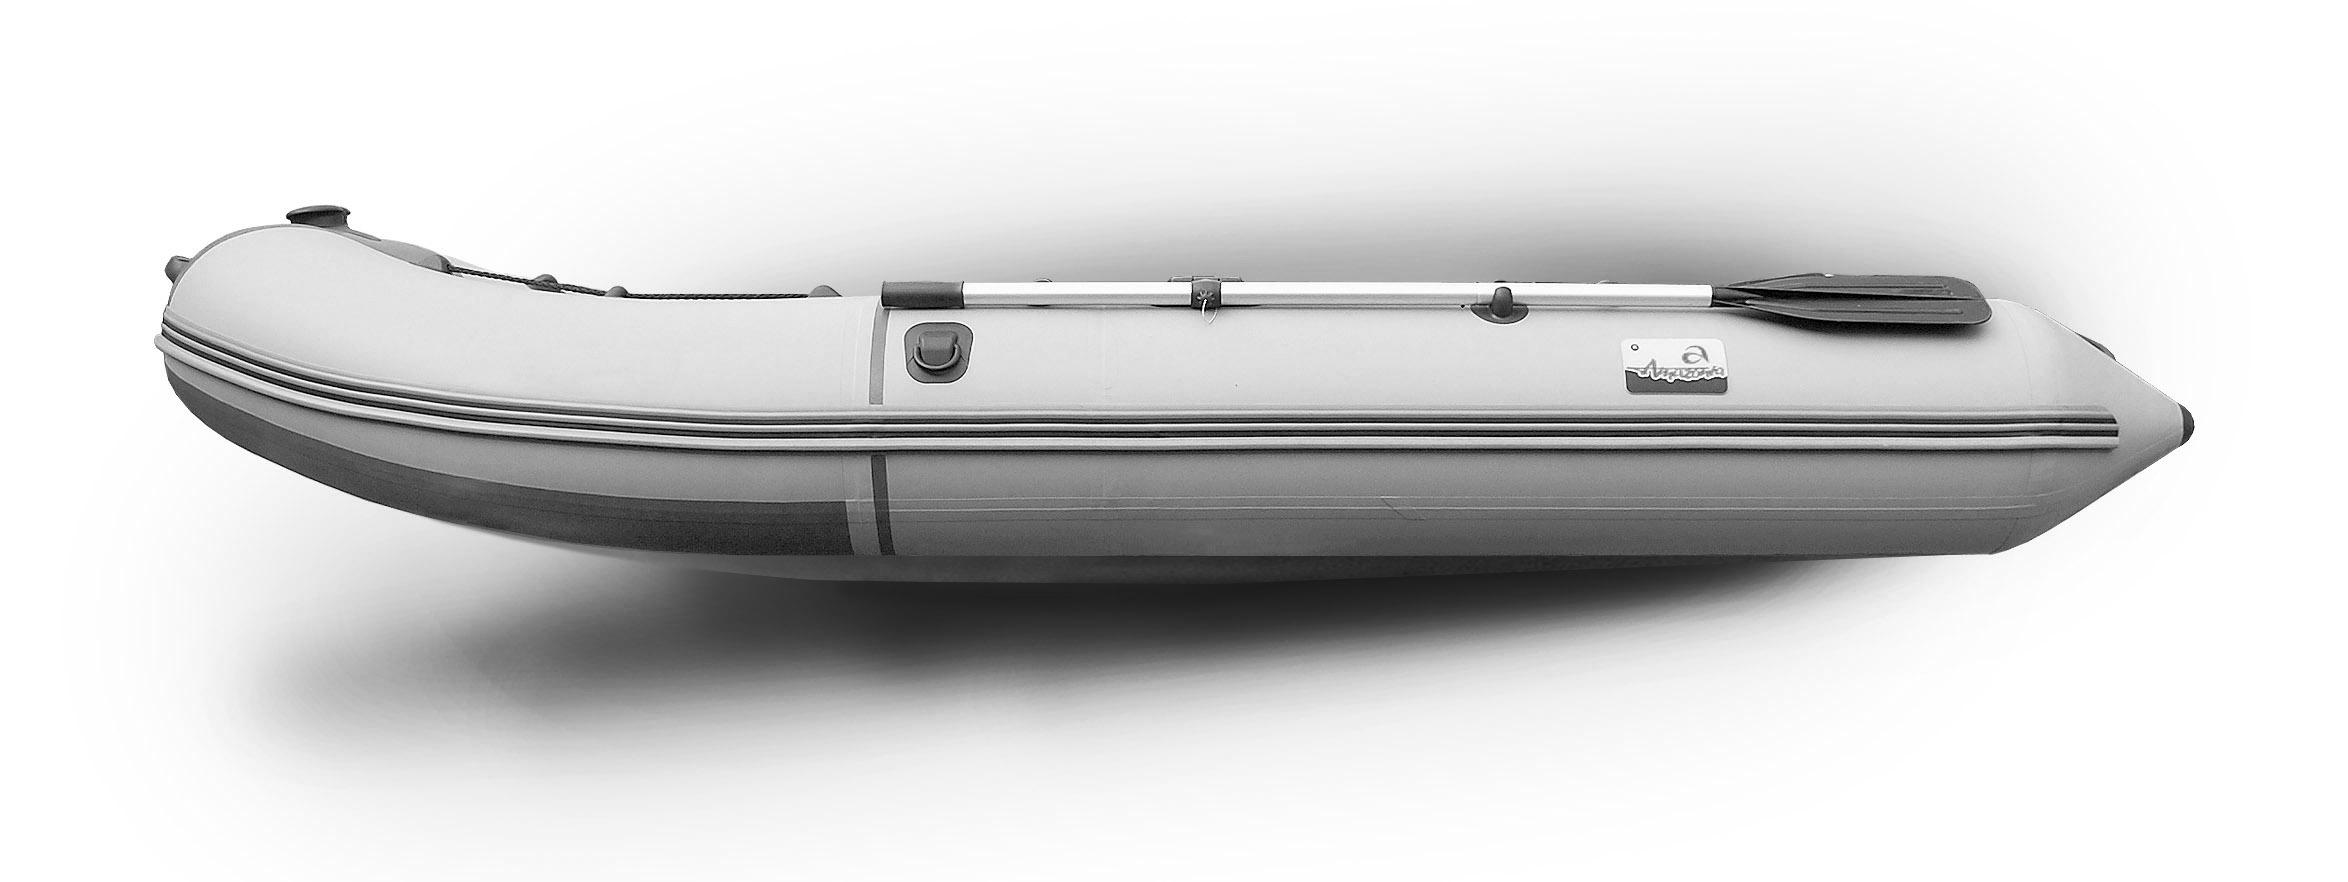 Пожалуй единственная лодка в РБ имеющая ответный алюминиевый профиль под стрингера